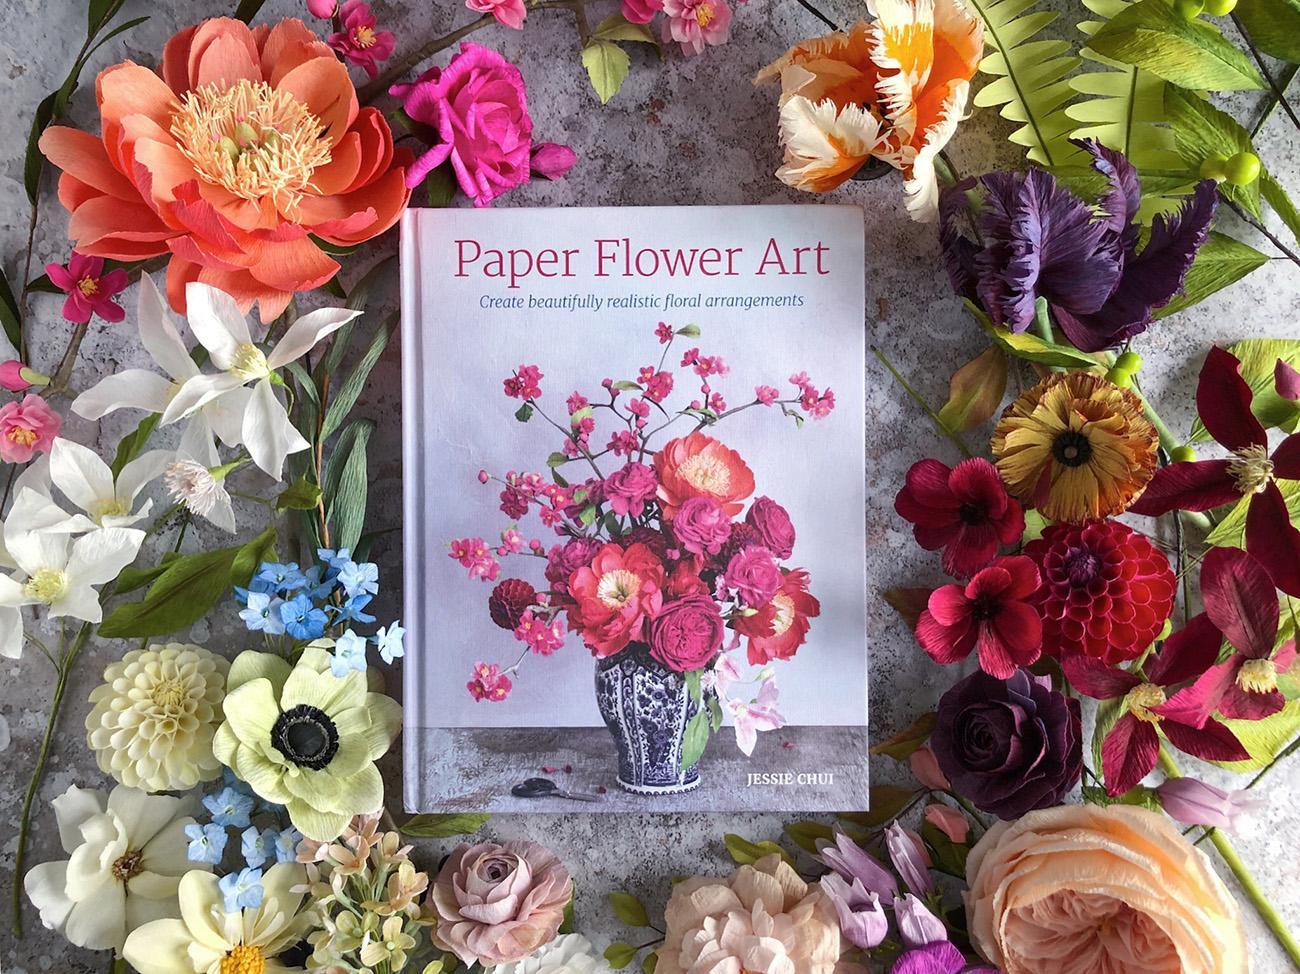 Paper Flower Art Book